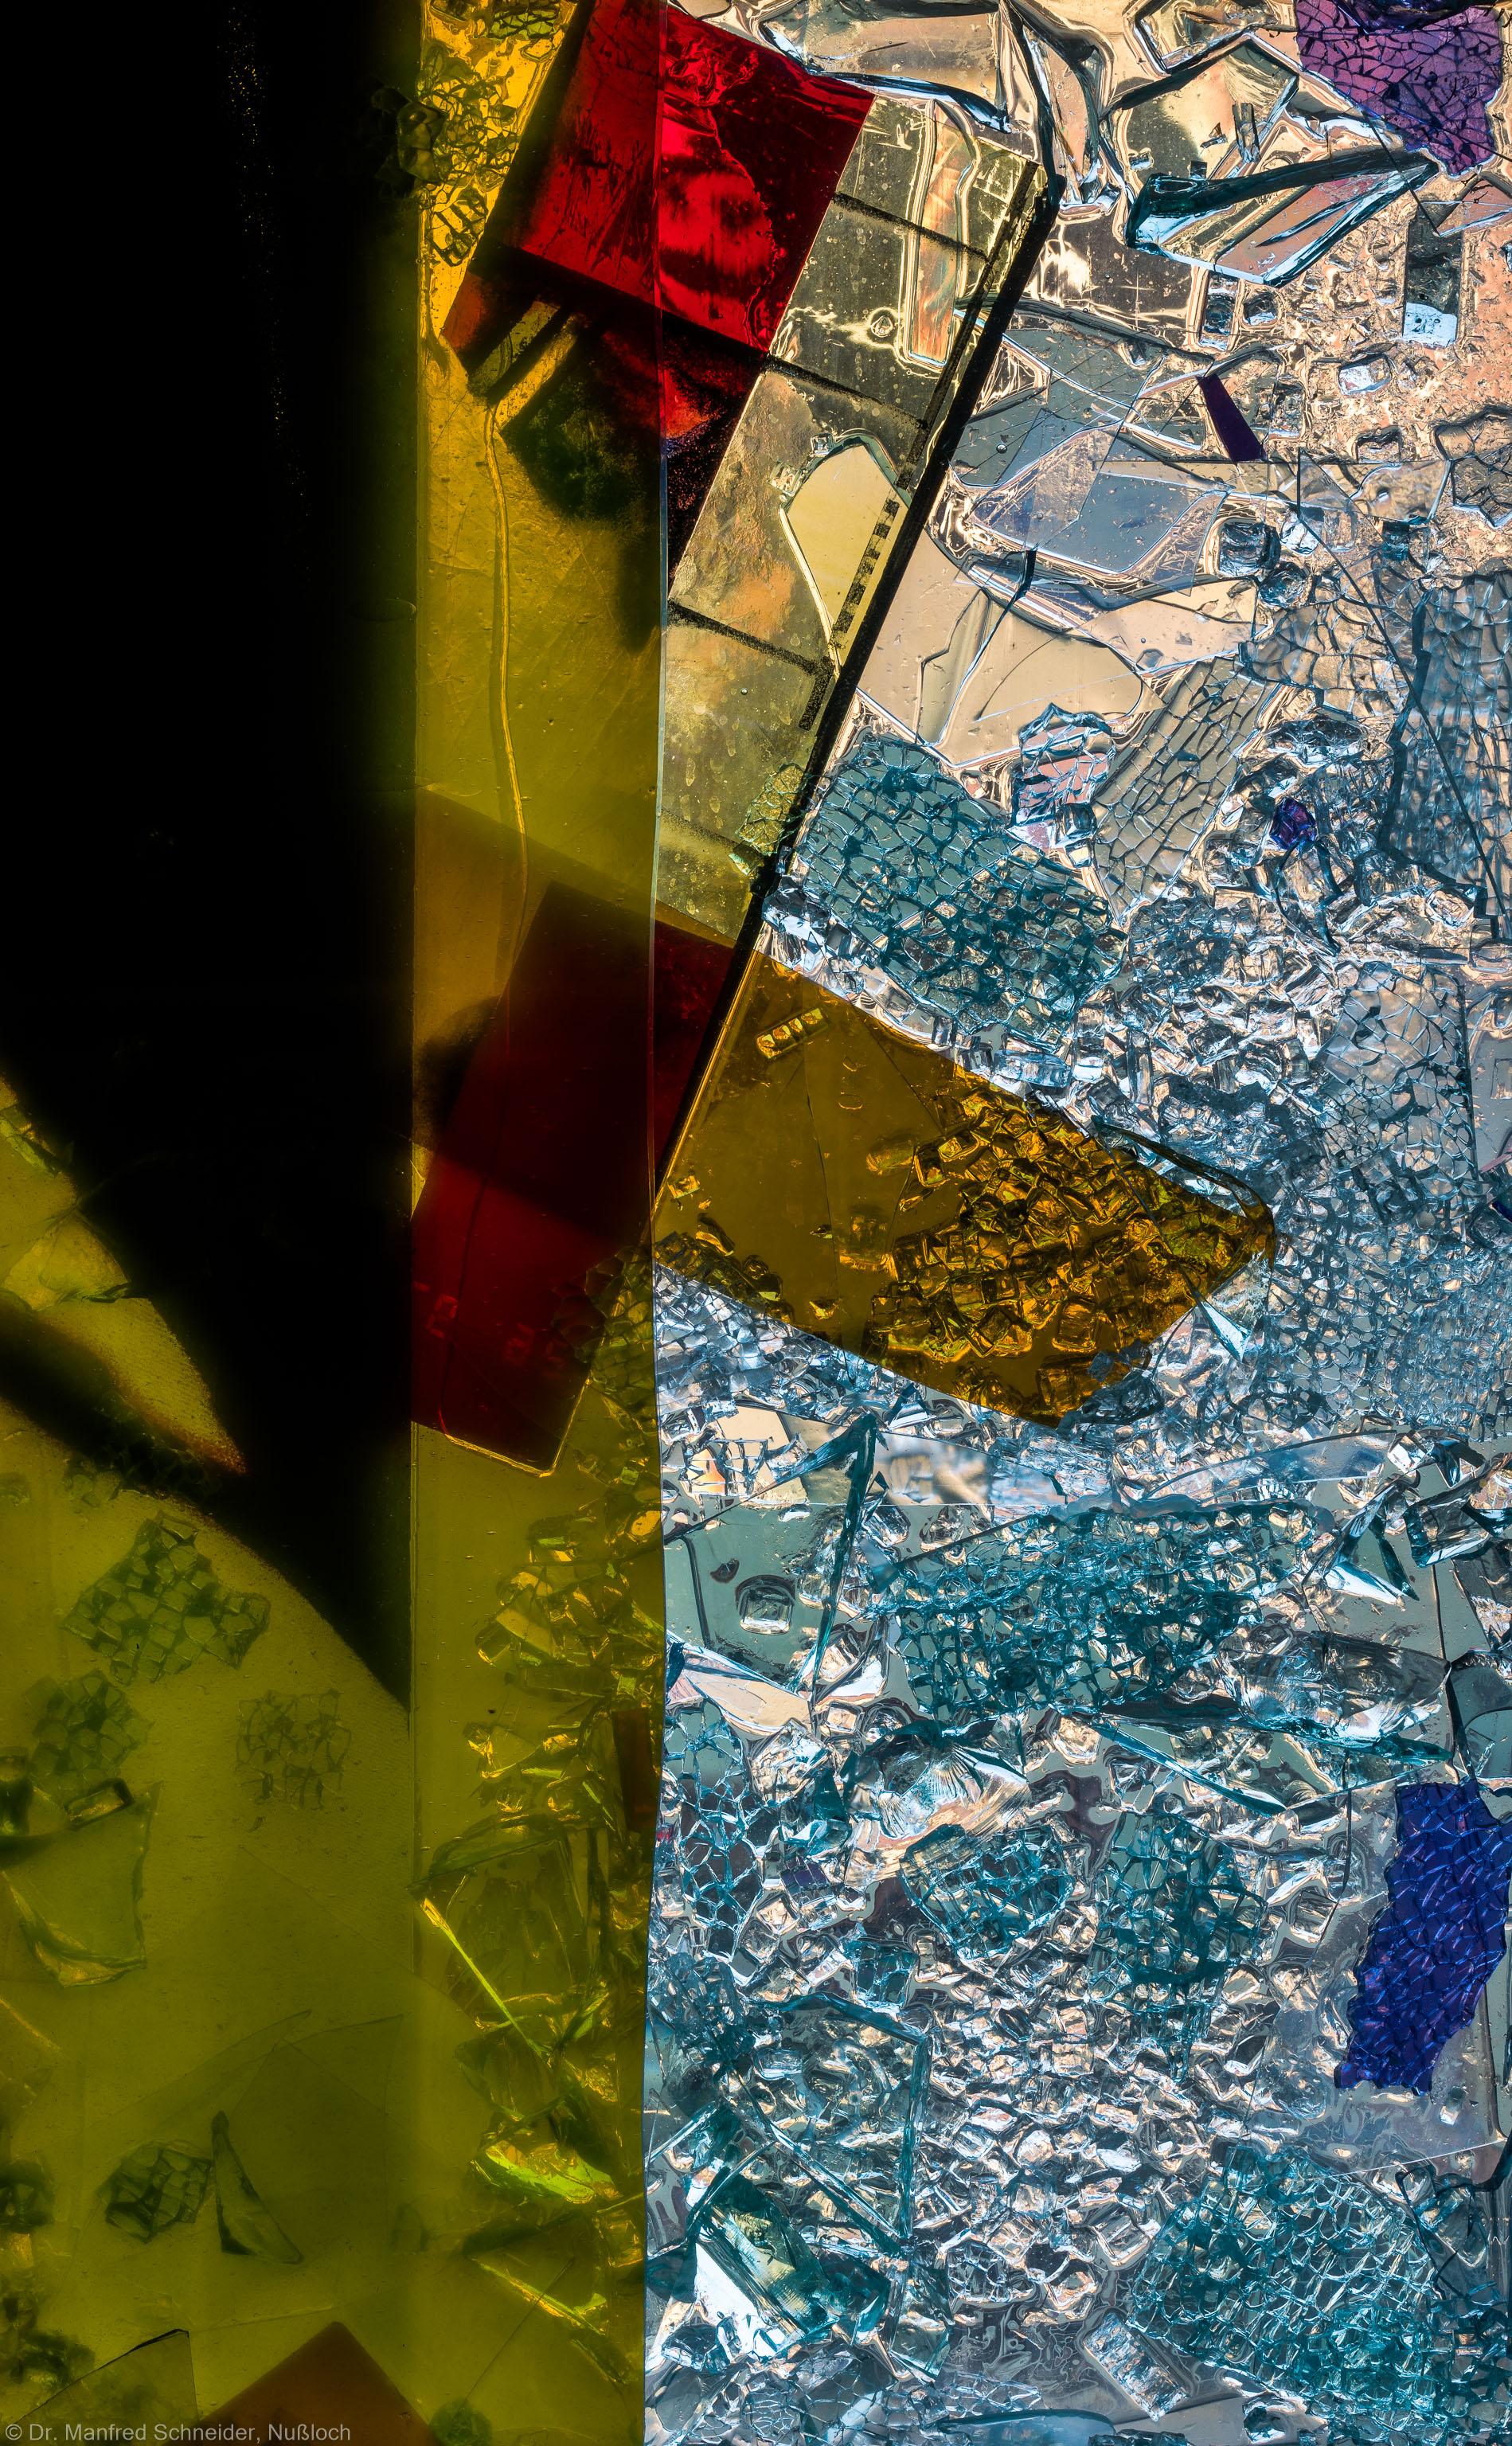 """Heidelberg - Heiliggeistkirche - Nordschiff - 3. Joch, von Westen aus gezählt - Feld (rechte Bahn, dritte Zeile) des Fensters """"Schöpfungsgeschichte - Gott sprach: es werde Licht"""" von Hella De Santarossa (aufgenommen im Oktober 2015, am späten Nachmittag)"""